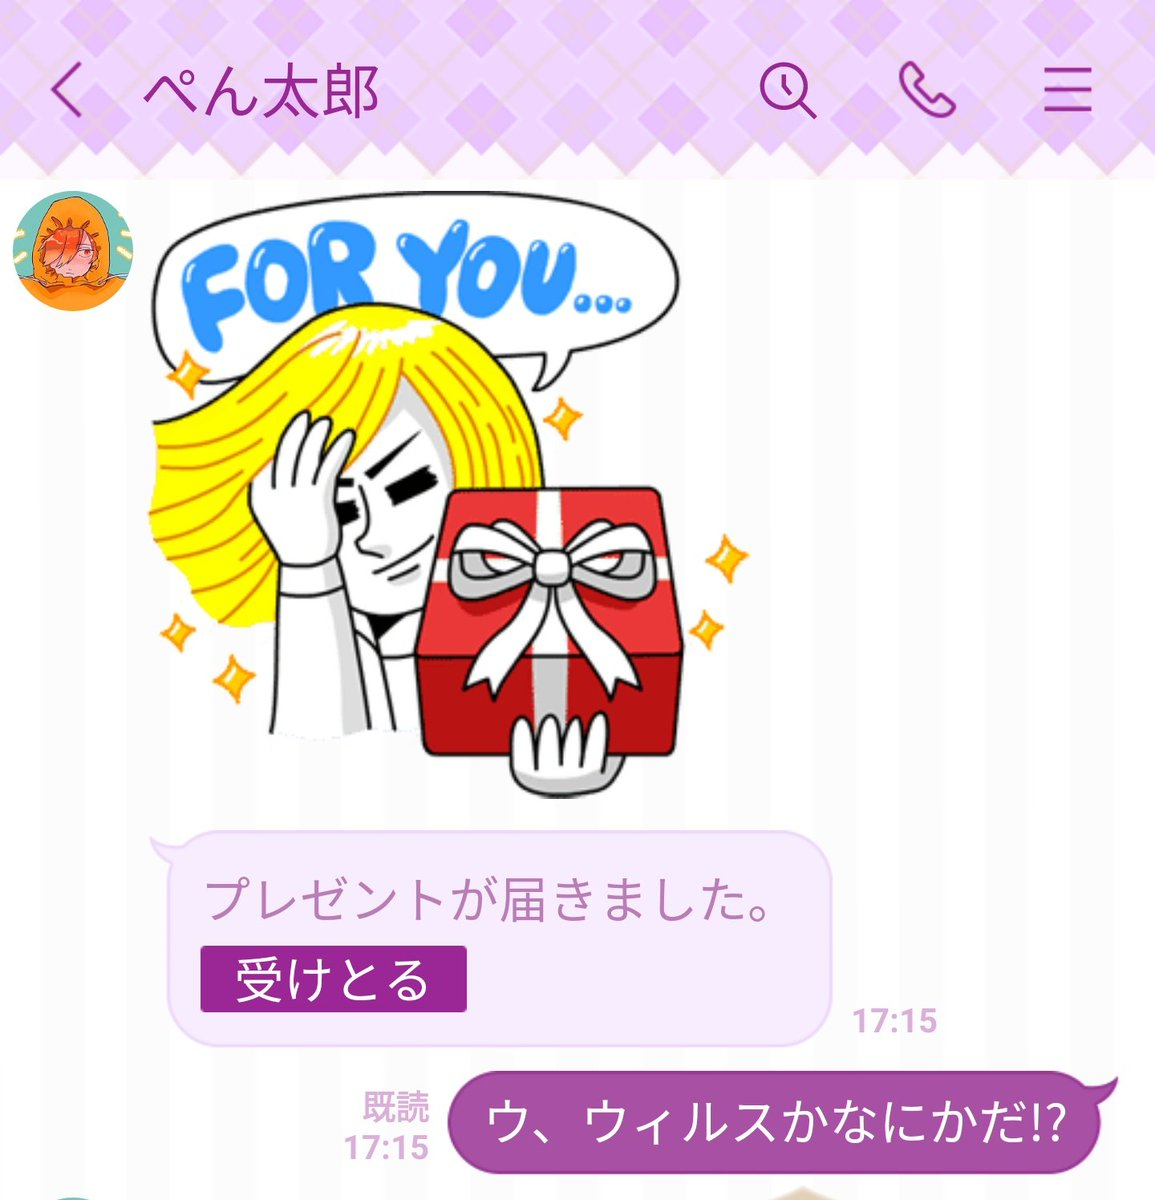 ぺいんとさんからLINEスタンプ貰った!!疑ってすみませんでした🥺